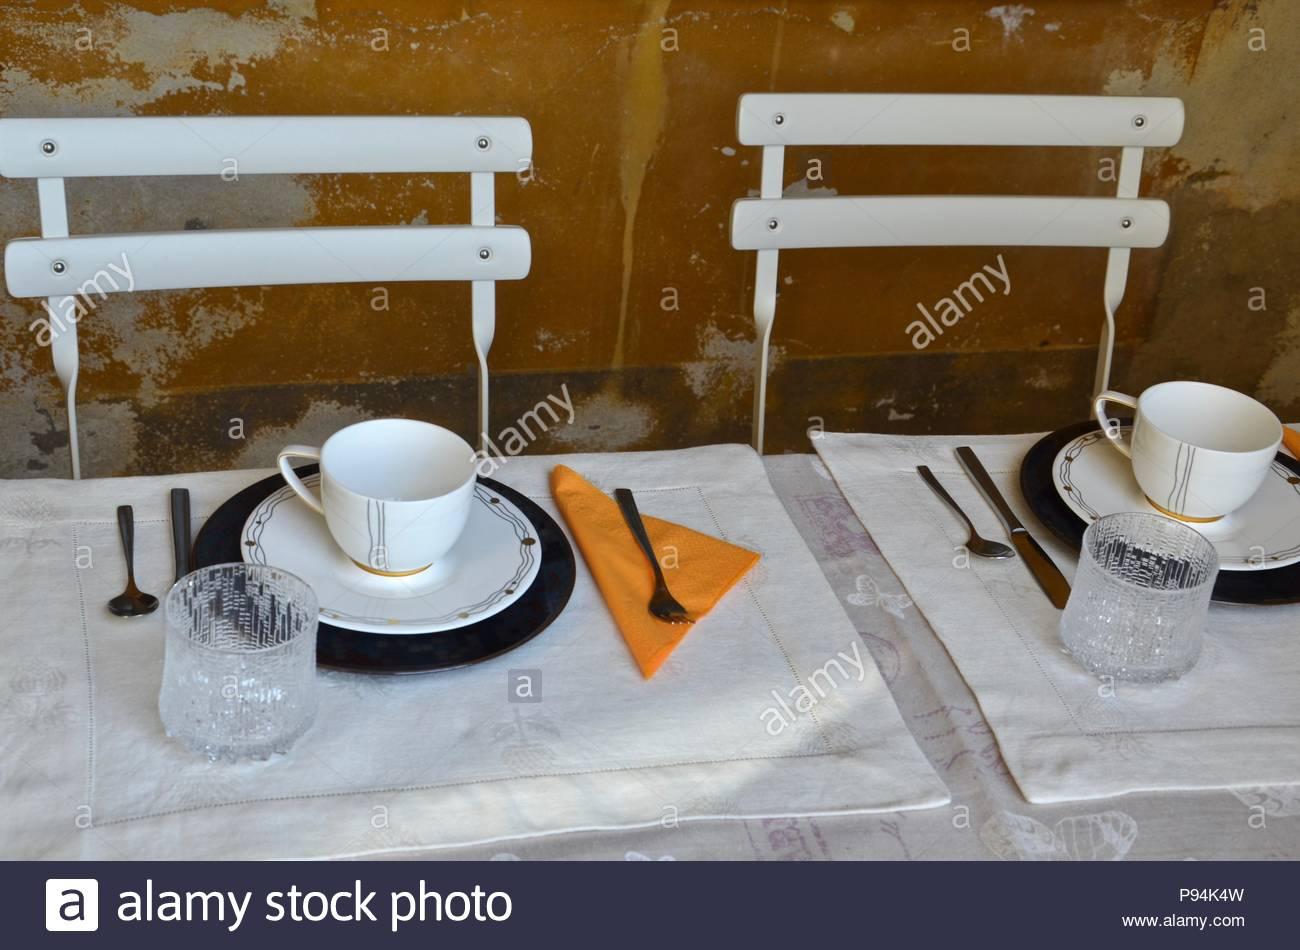 Puristic configuración, diseño exterior, hogar, Lombardía, Italia, atmósfera, color ocre, blanco de china, desayuno, coffee break, la hora del té Imagen De Stock